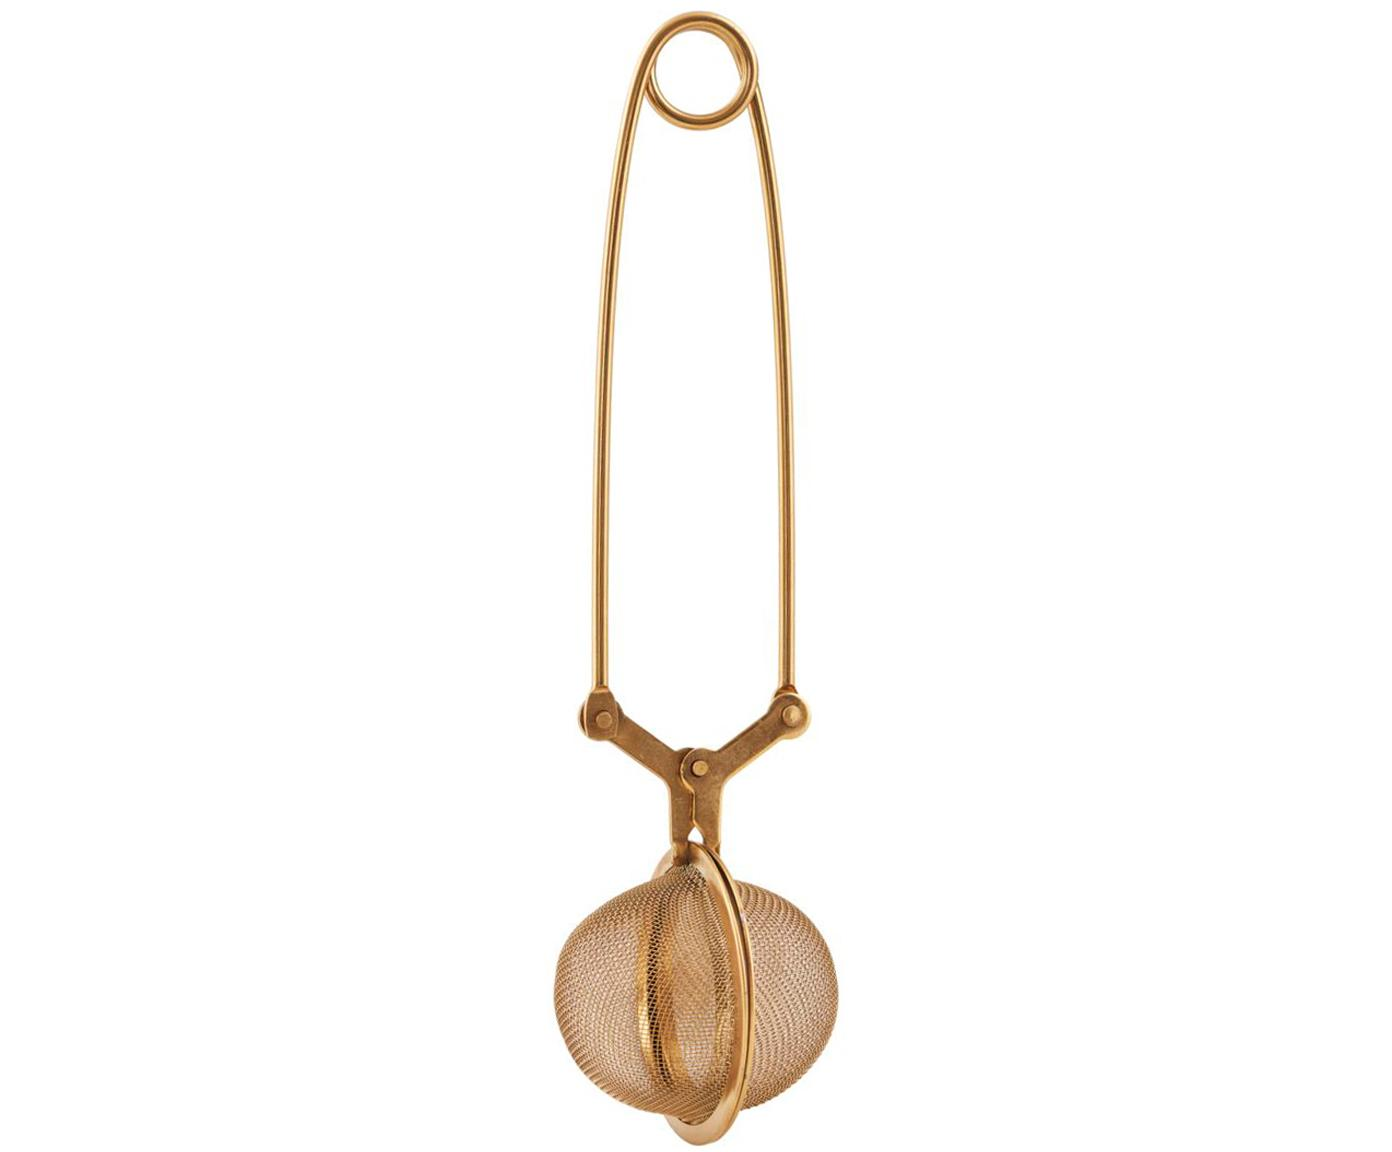 Sitko do herbaty Mesh, Stal szlachetna , lakierowana, Różowe złoto, D 17 cm